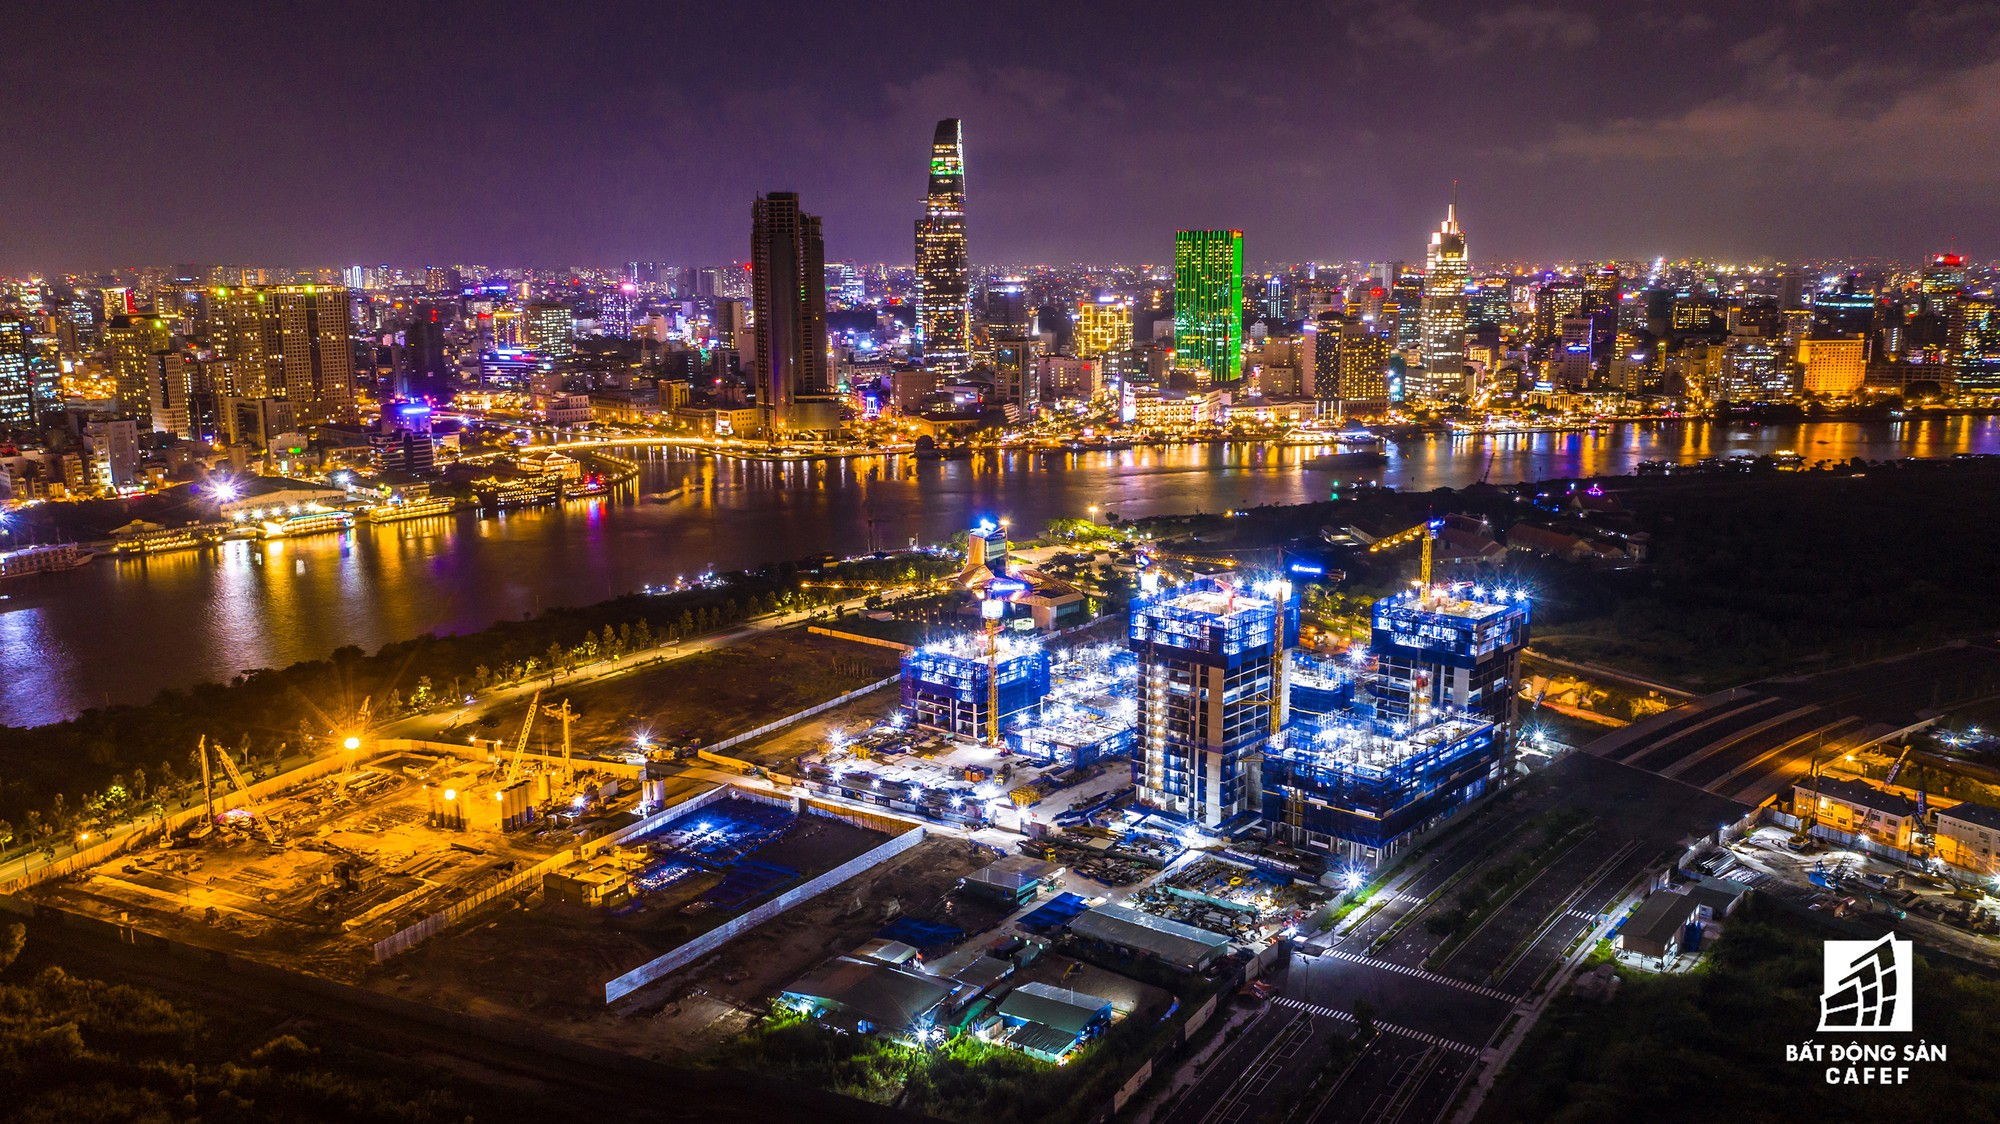 Diện mạo hai bờ sông Sài Gòn tương lai nhìn từ loạt siêu dự án tỷ đô, khu vực trung tâm giá nhà lên hơn 1 tỷ đồng/m2 - Ảnh 14.